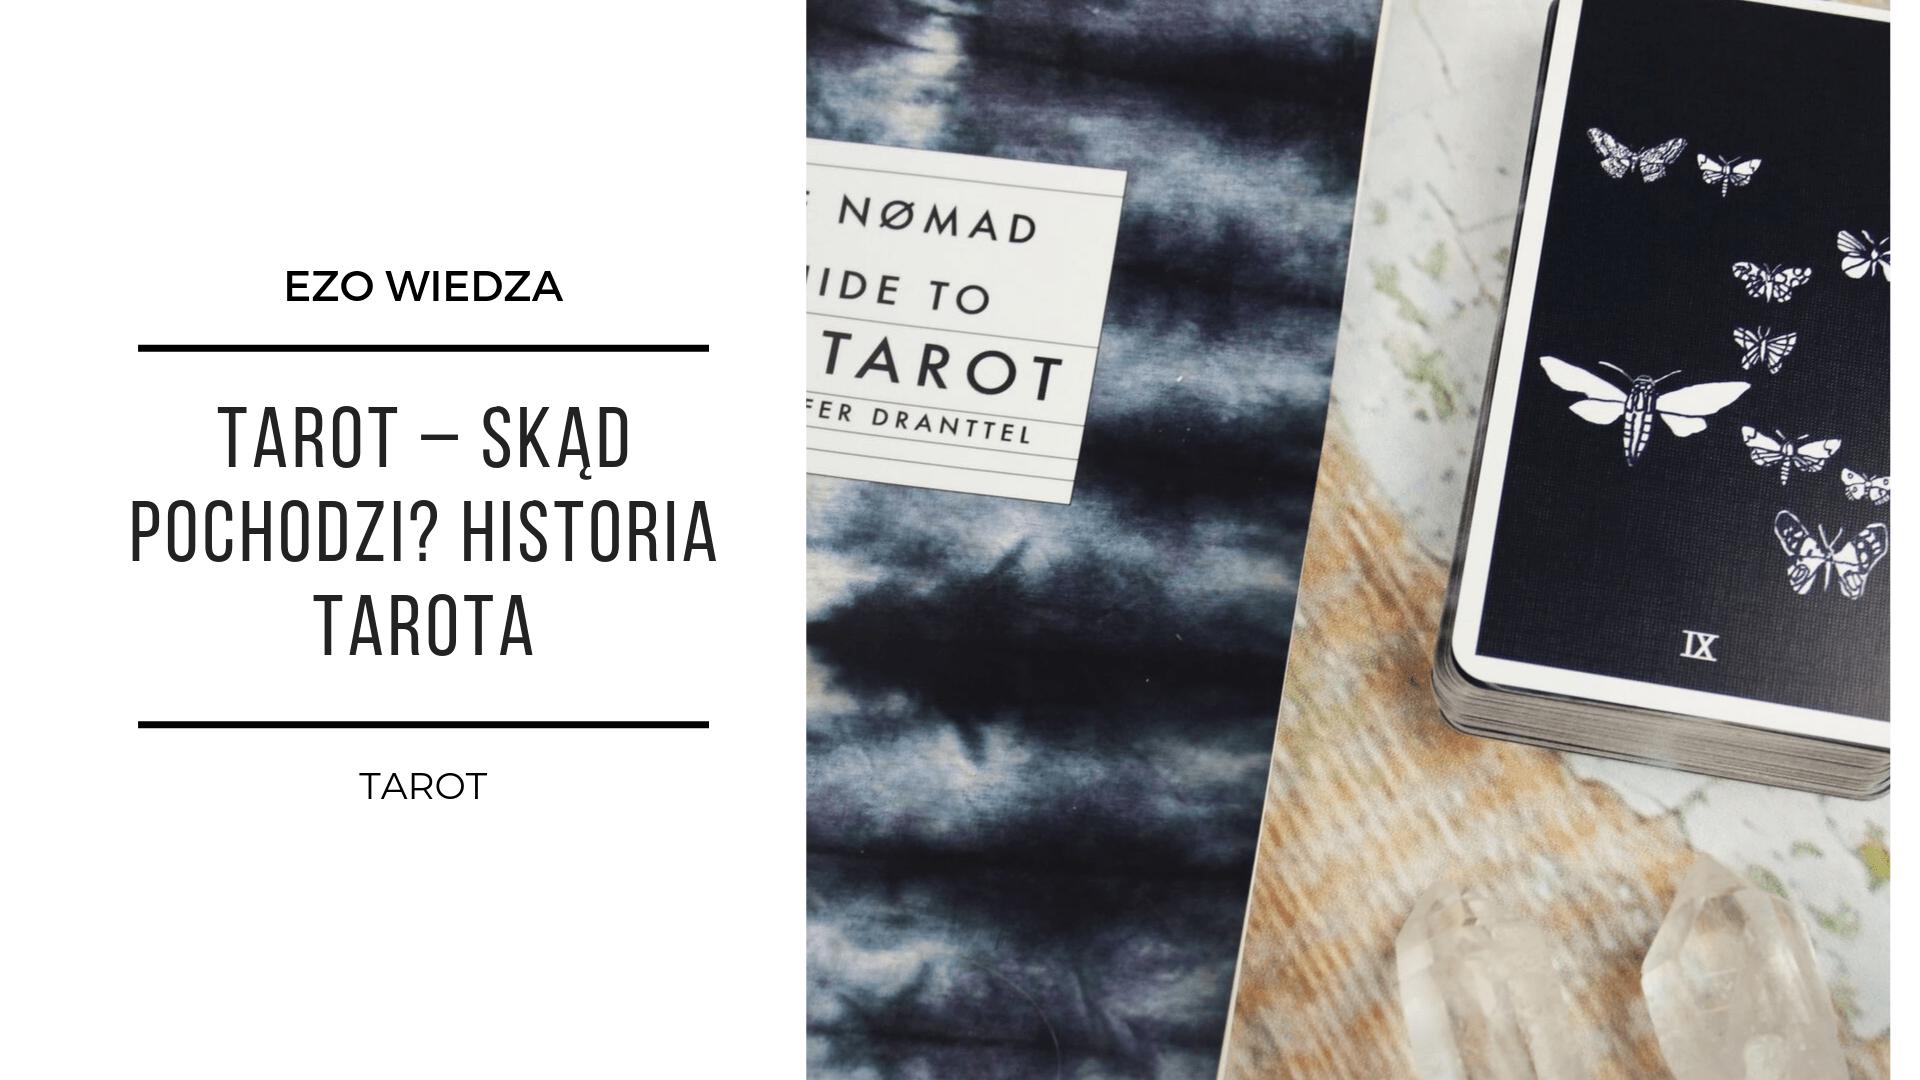 Tarot – skąd pochodzi? Historia Tarota 2